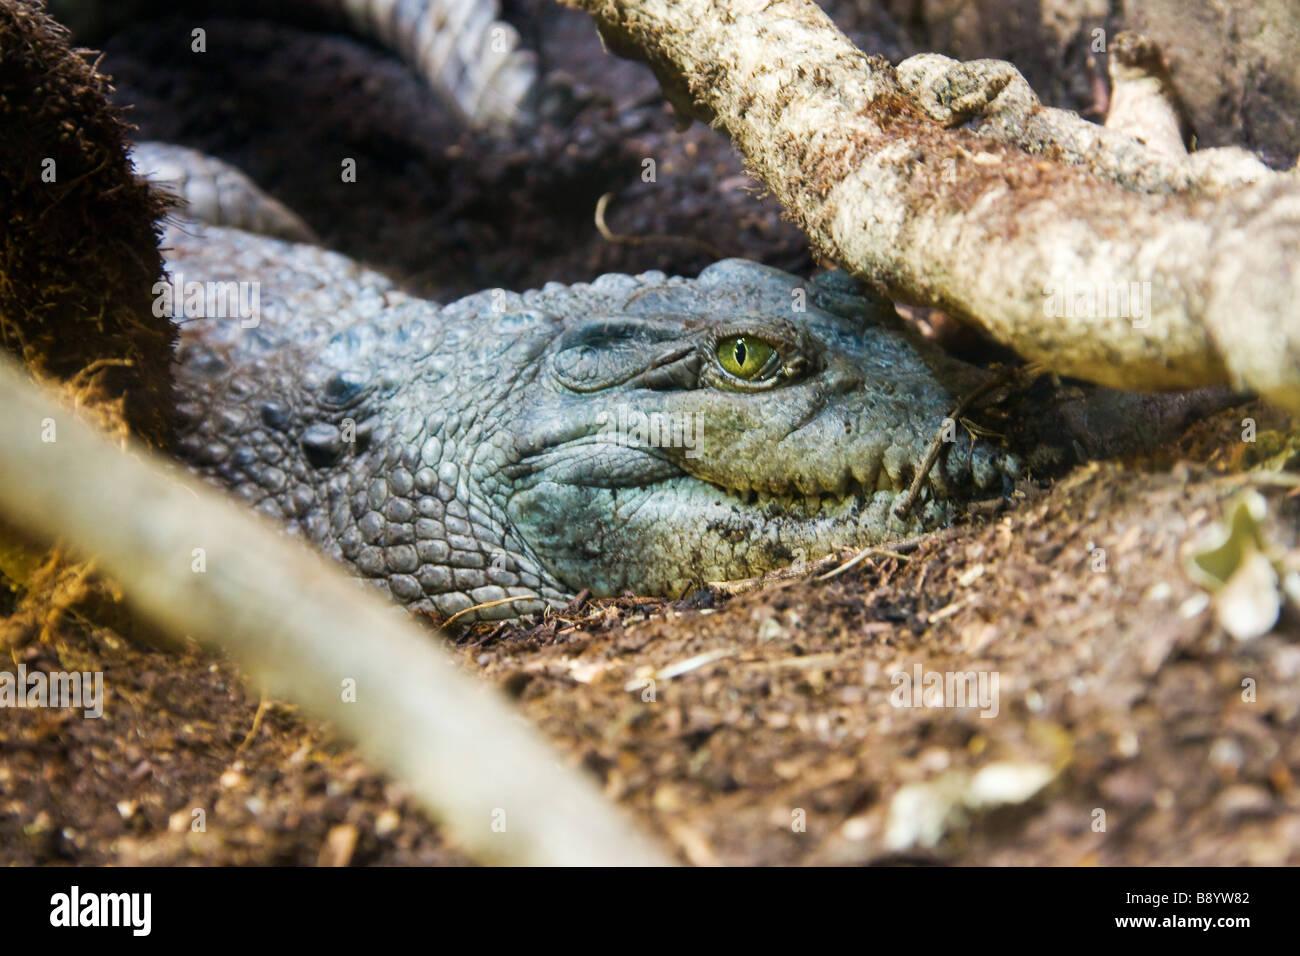 Crocodile eeye hidden - Stock Image